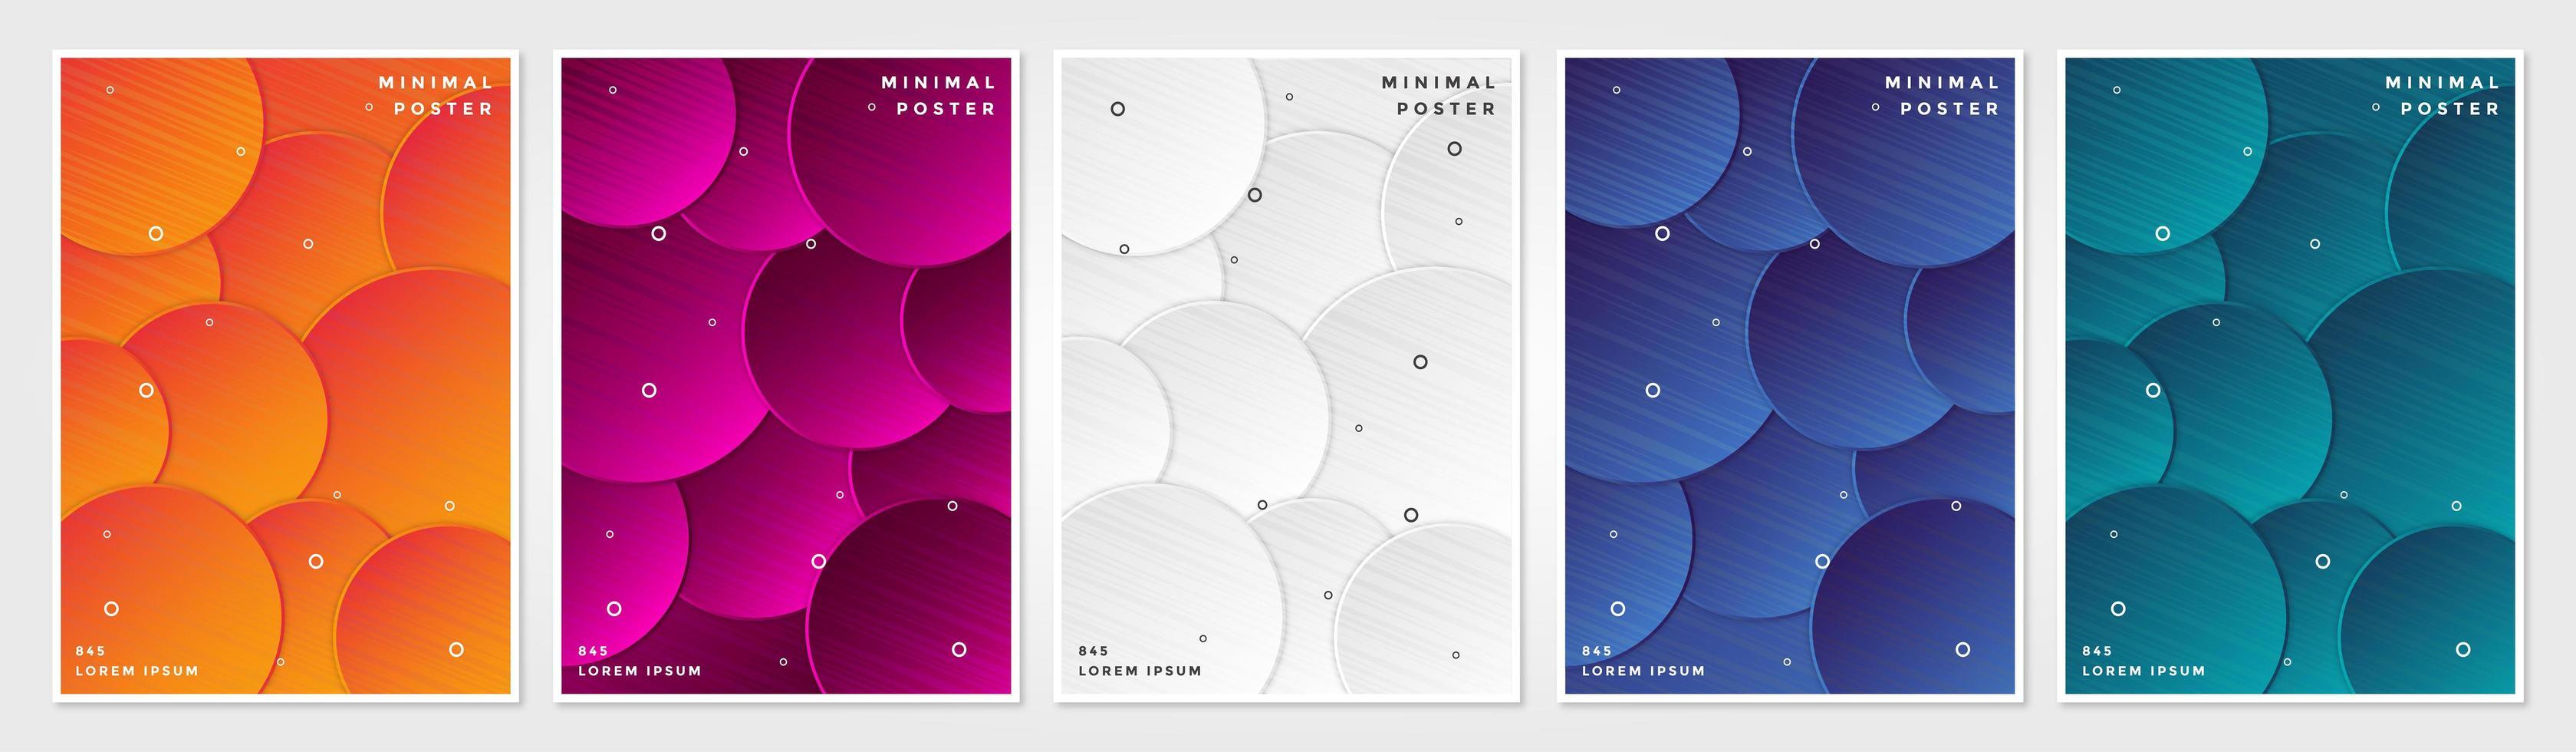 kleurrijke gelaagde cirkel cover set vector